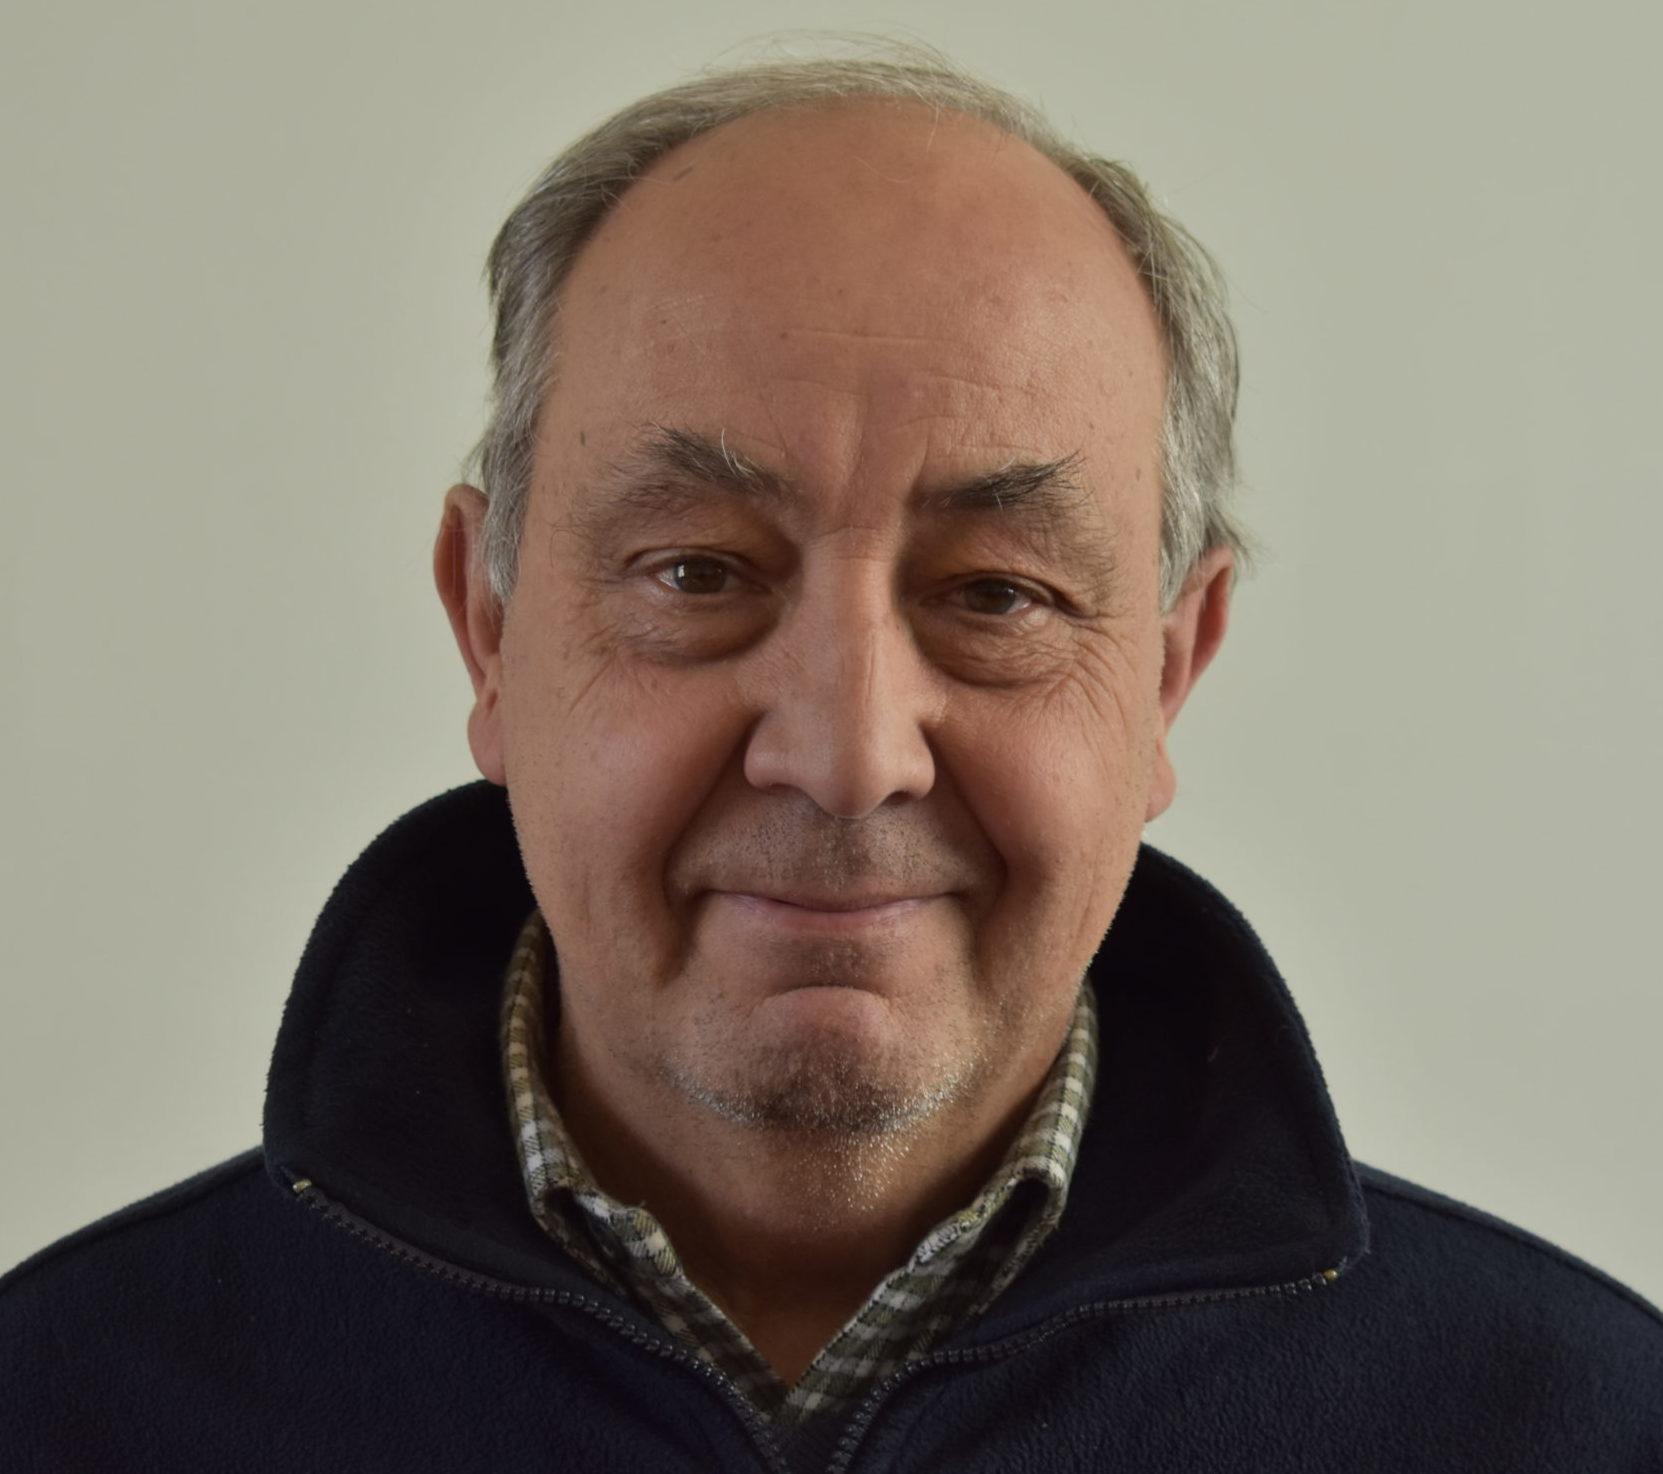 Rodolfo Gasset